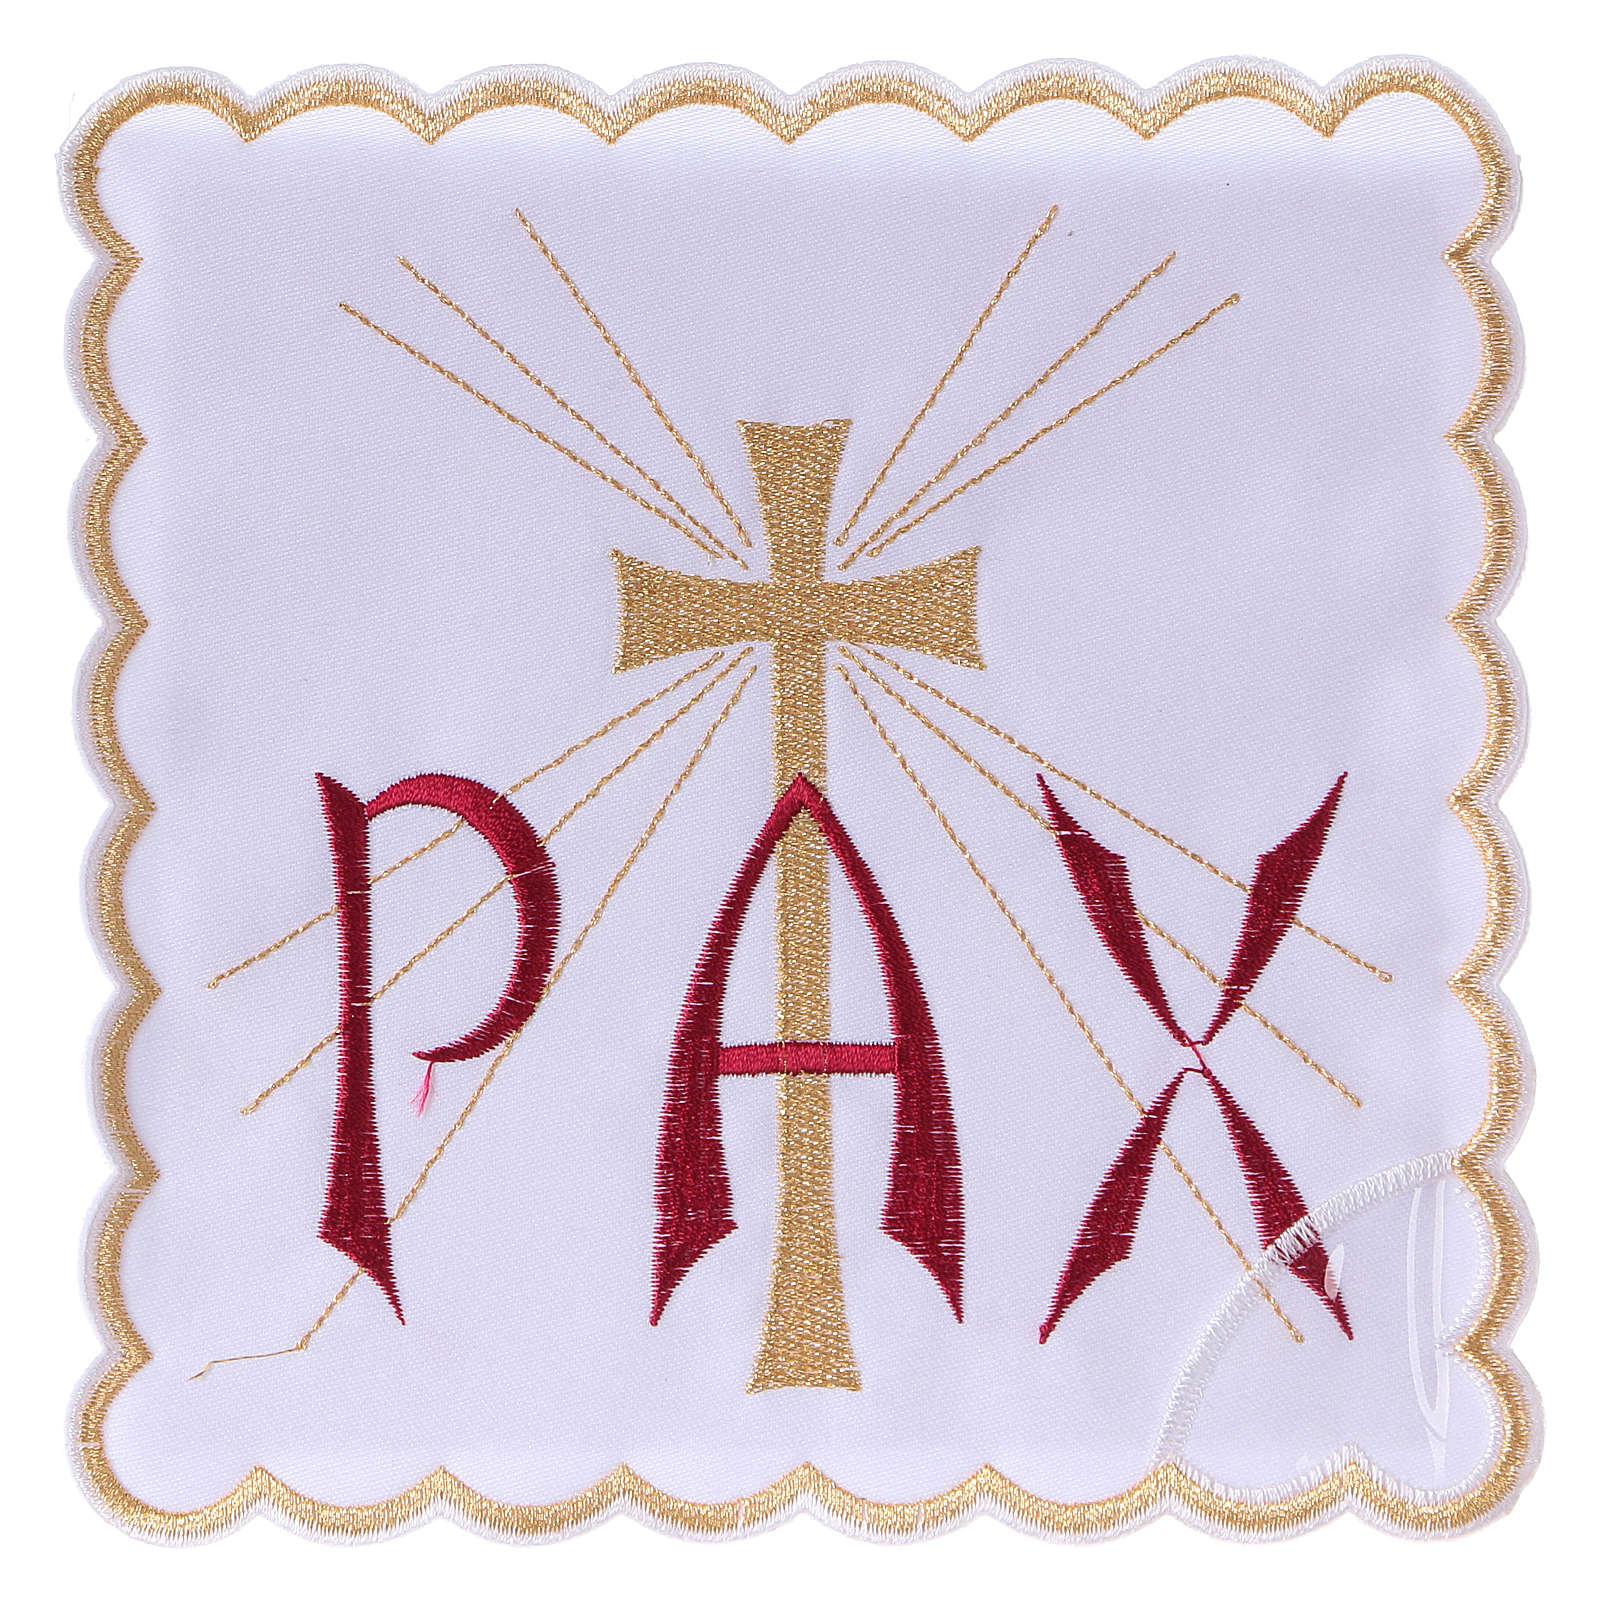 Servizio da altare cotone scritta PAX rossa e croce dorata con raggi 4